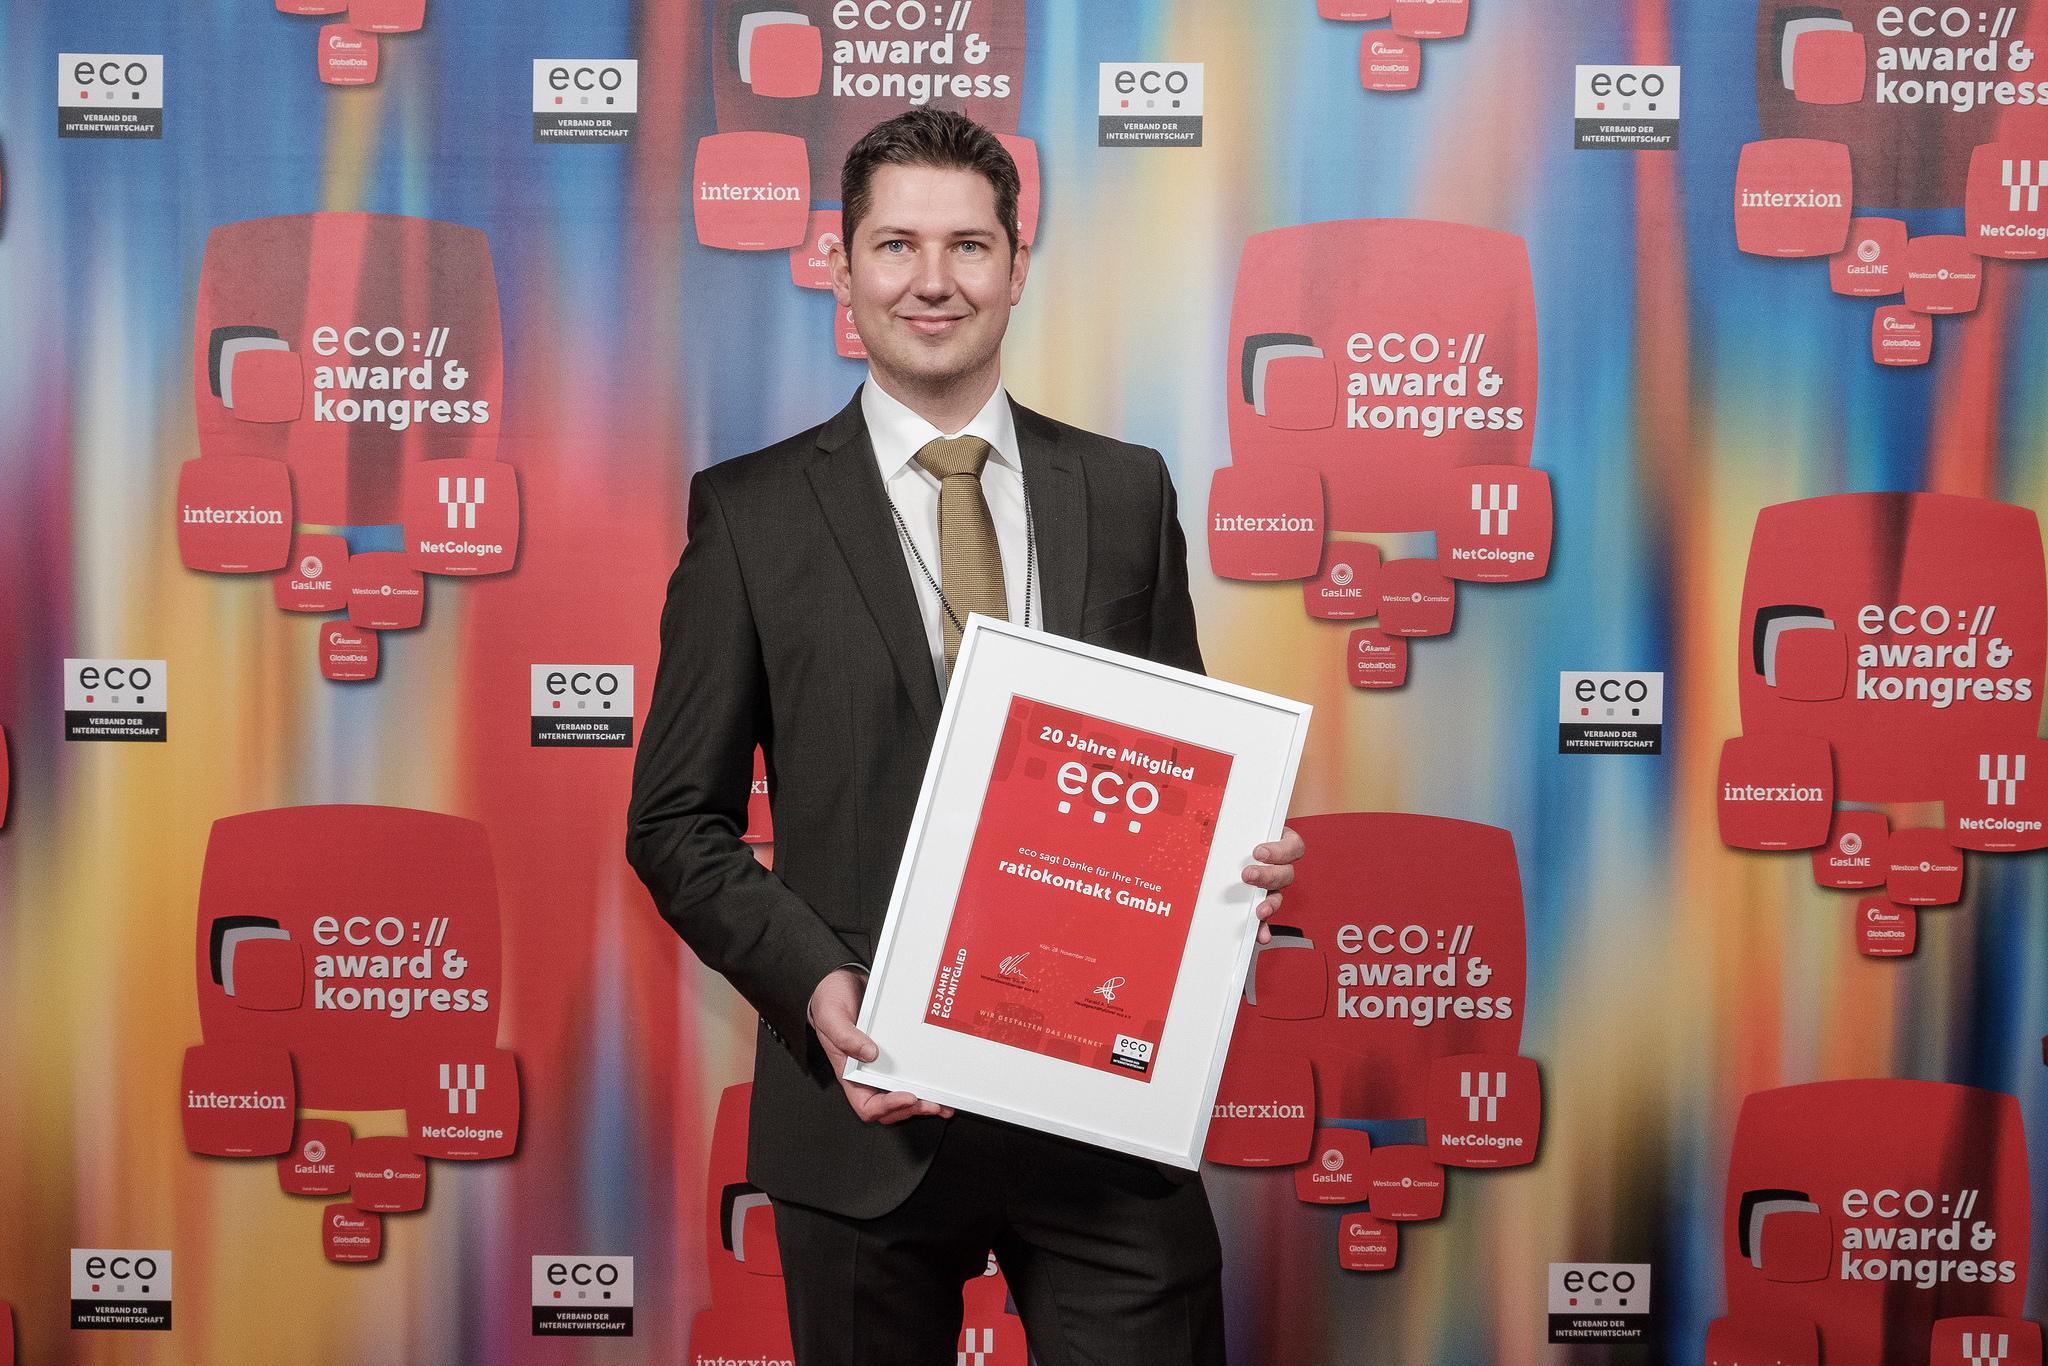 eco://kongress & eco:awards: Gemeinsam die digitale Zukunft gestalten 22